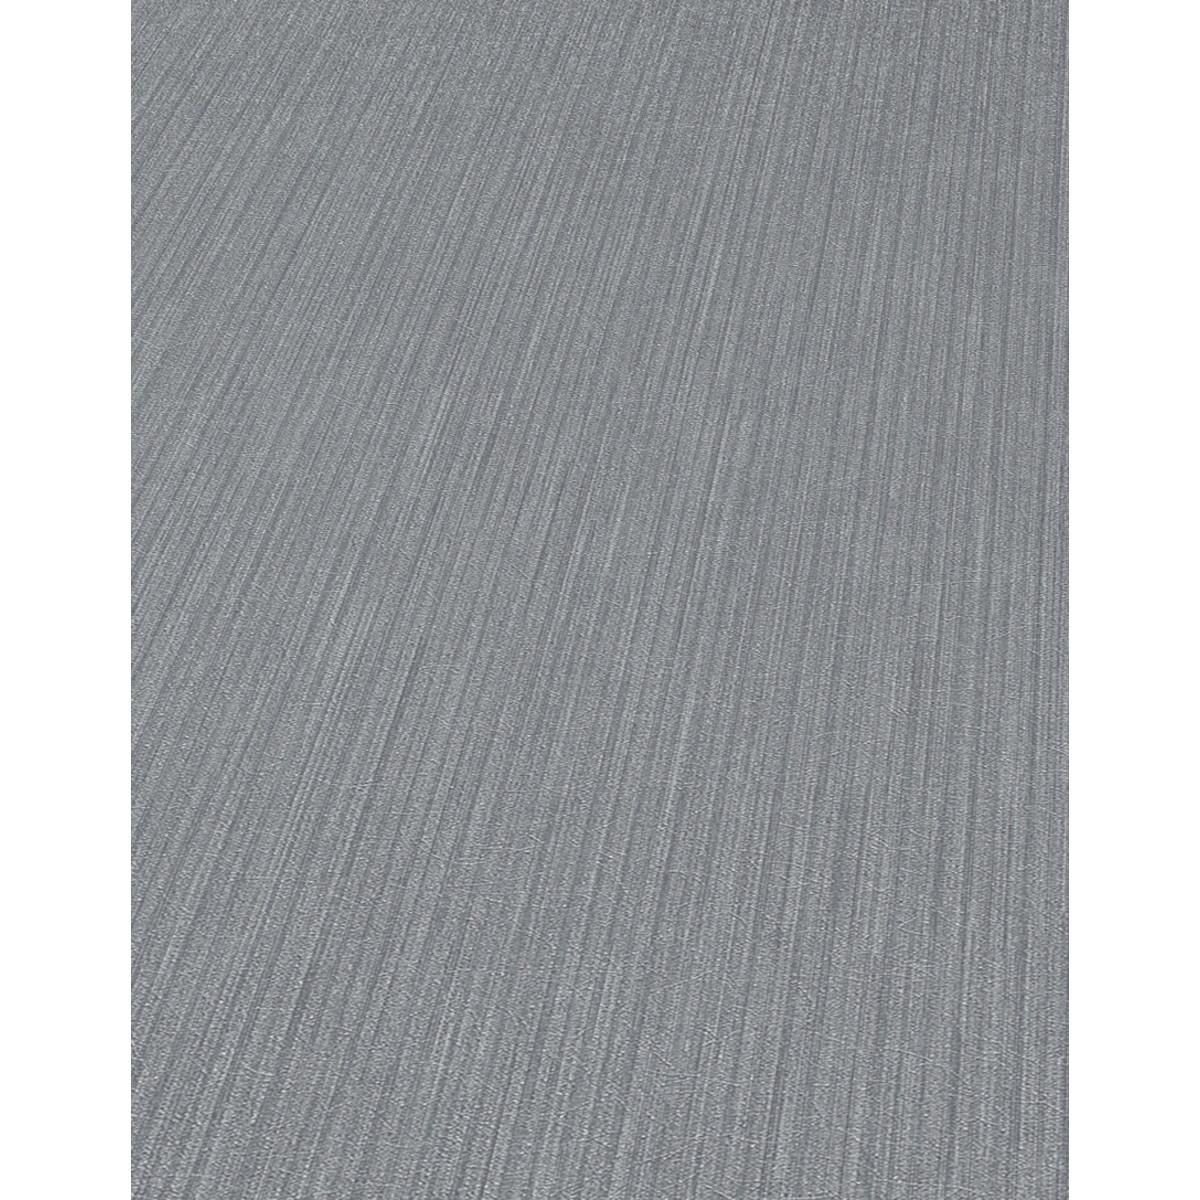 Обои флизелиновые Erismann серые 0.53 м 10004-10